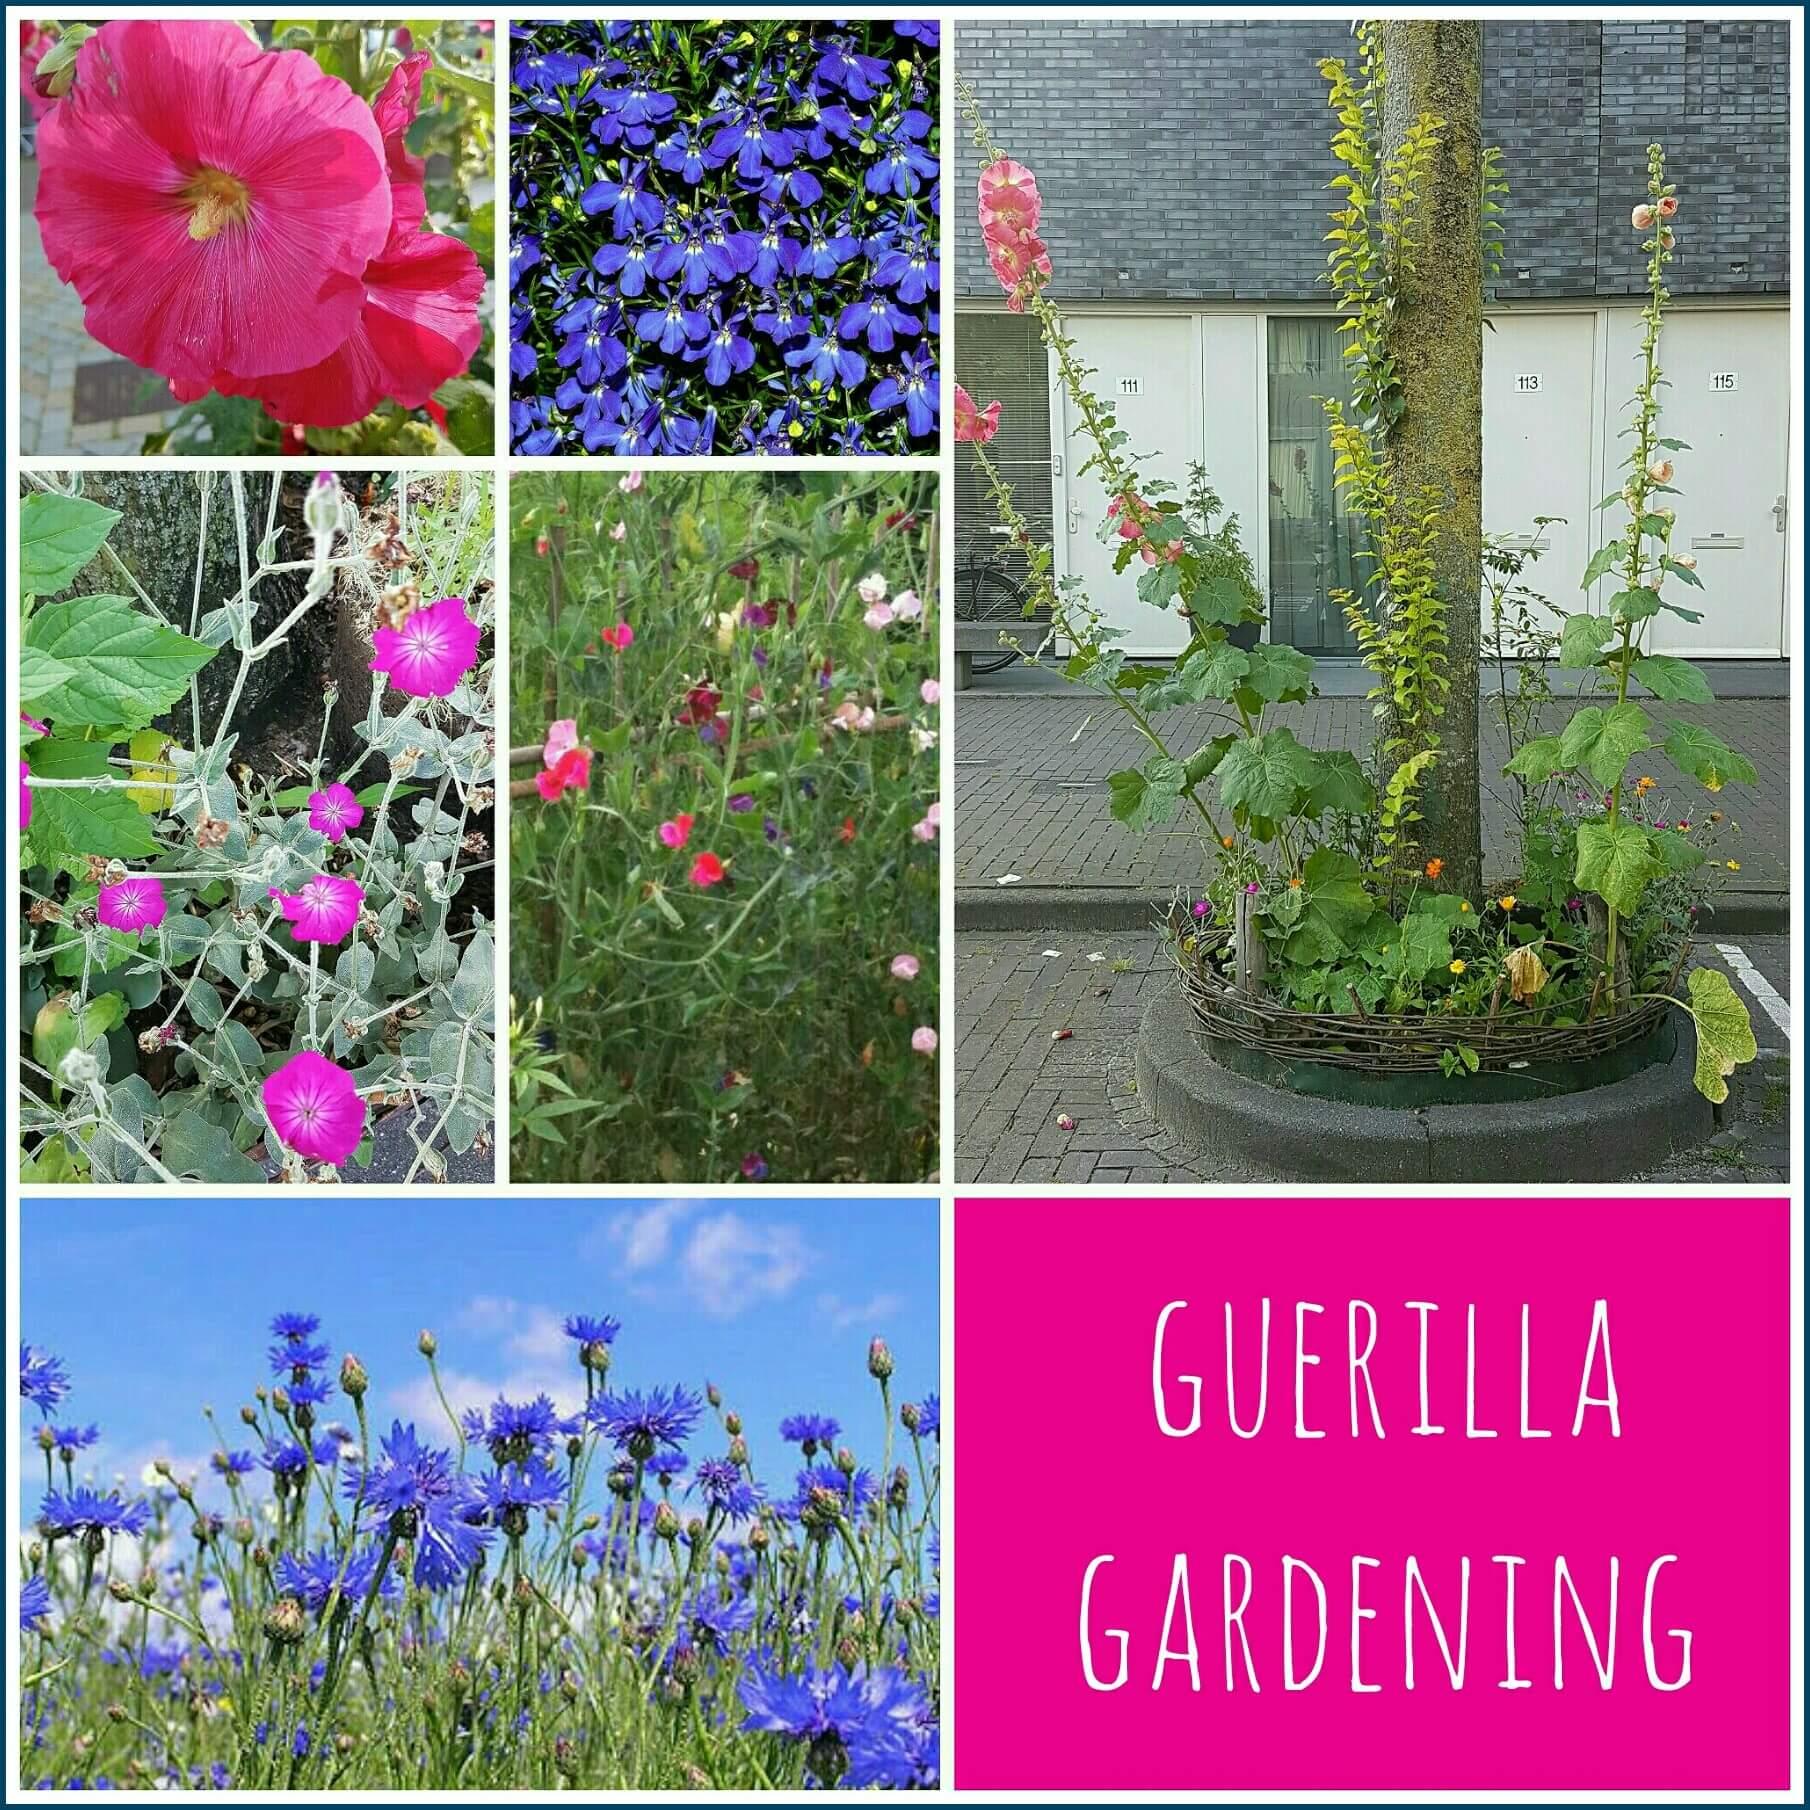 Guerrilla gardening: waarom het zo leuk is om samen met de kinderen